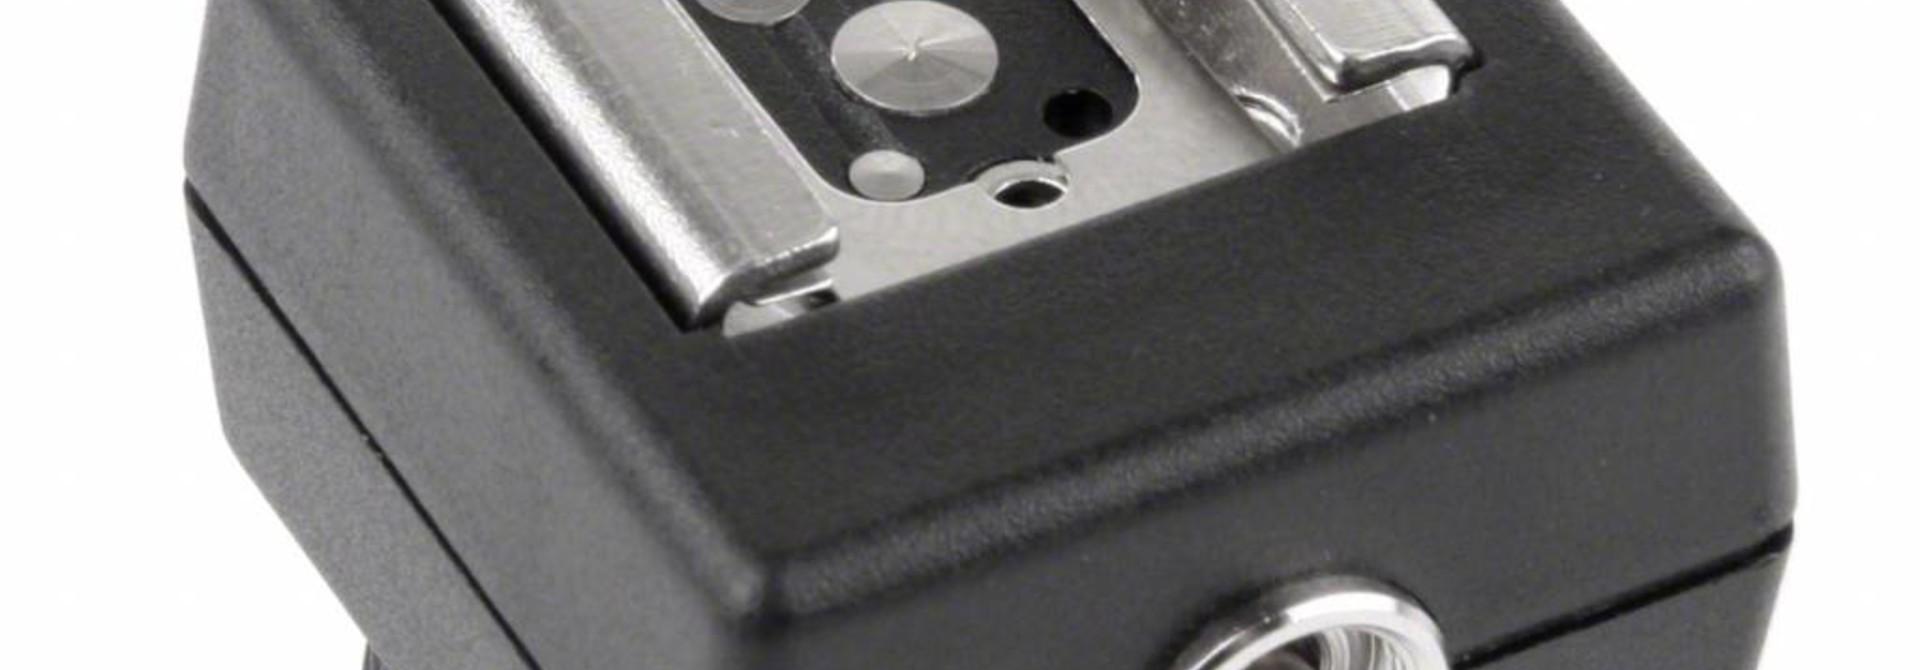 Flitsschoen voor Canon met E-TTL functie